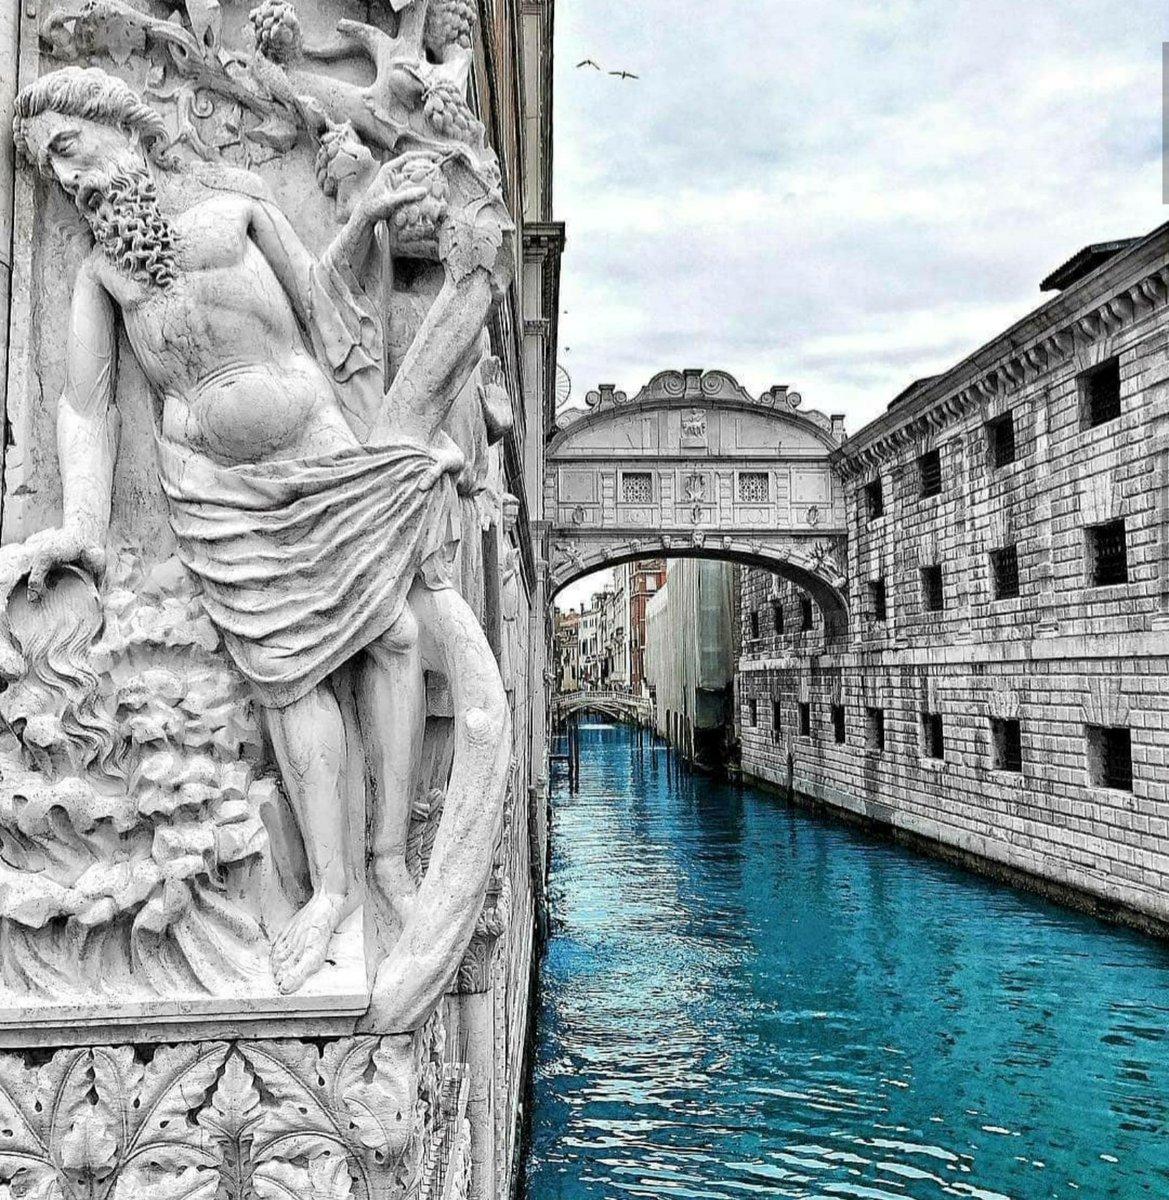 Italy #italy #venice @PicPublicpic.twitter.com/4lD14OUnD3